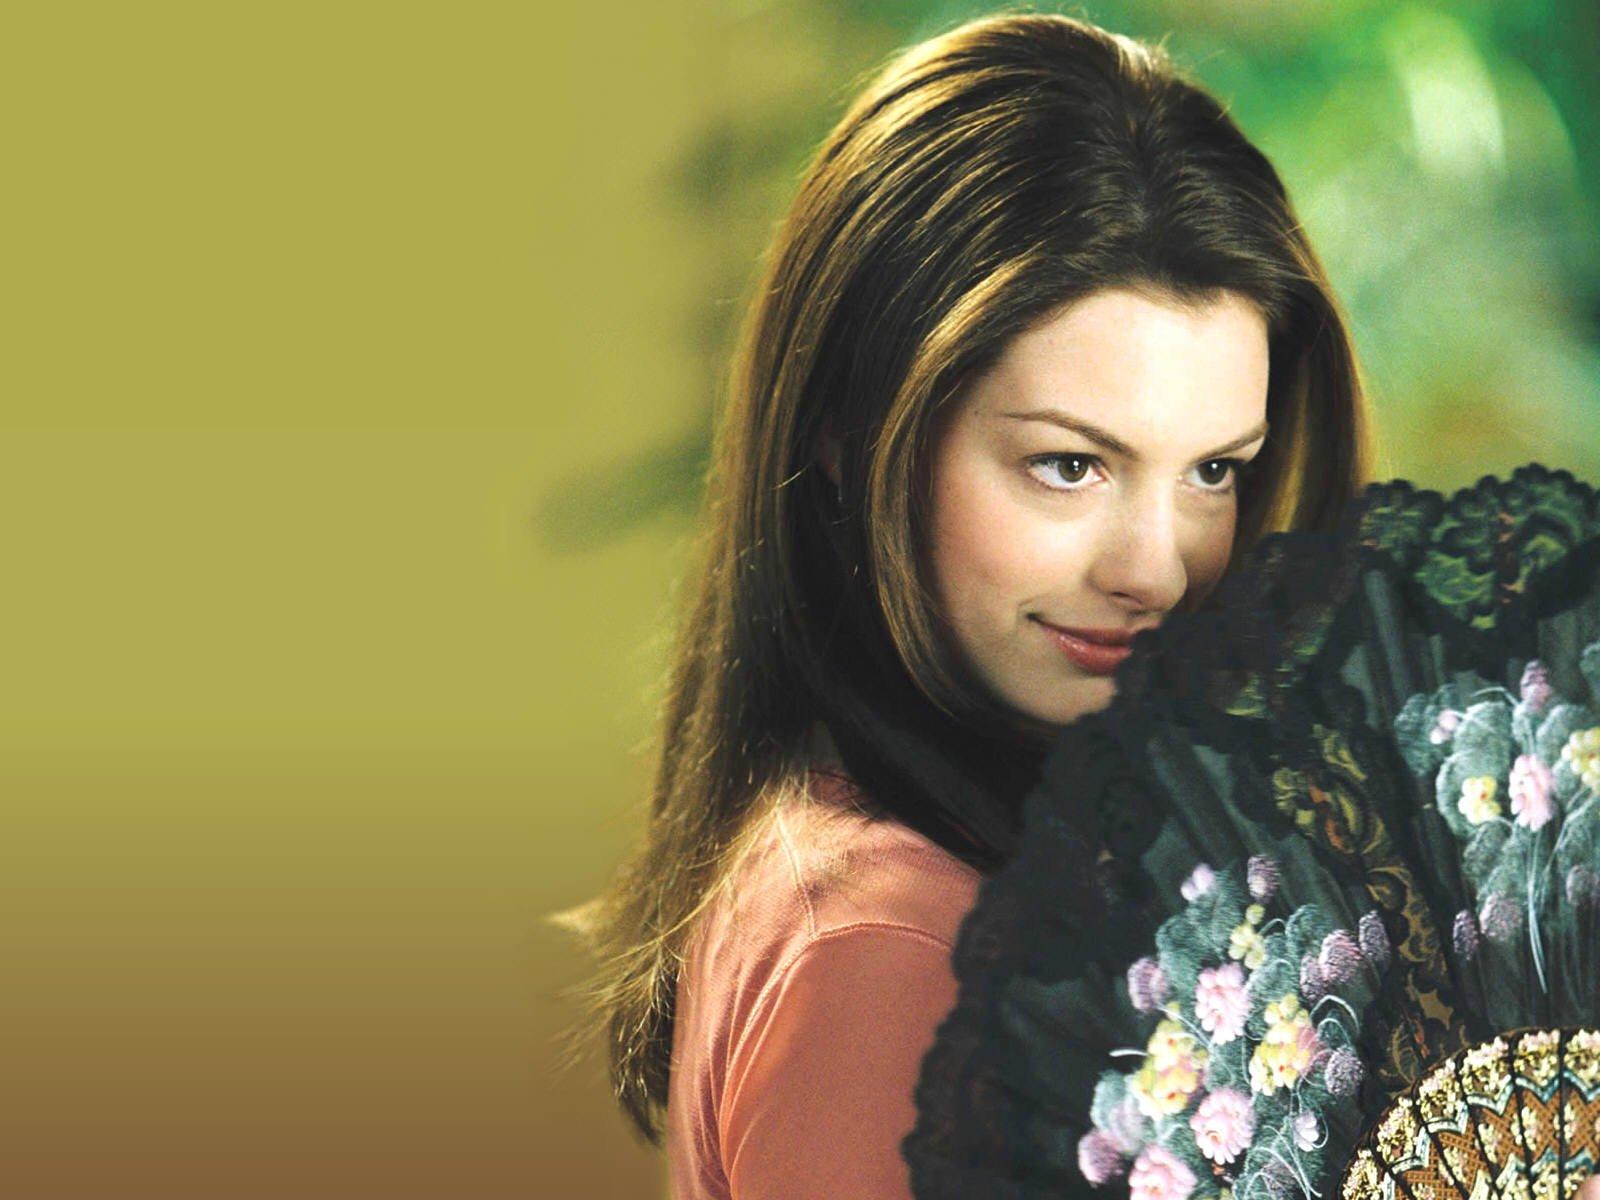 """""""Cựu công chúa Disney"""" Anne Hathaway và lịch sử tình trường đáng nể: Từng muối mặt phải trả lại trang sức đắt tiền vì bạn trai lừa đảo chiếm đoạt tiền của cựu Tổng thống Mỹ - Ảnh 3."""